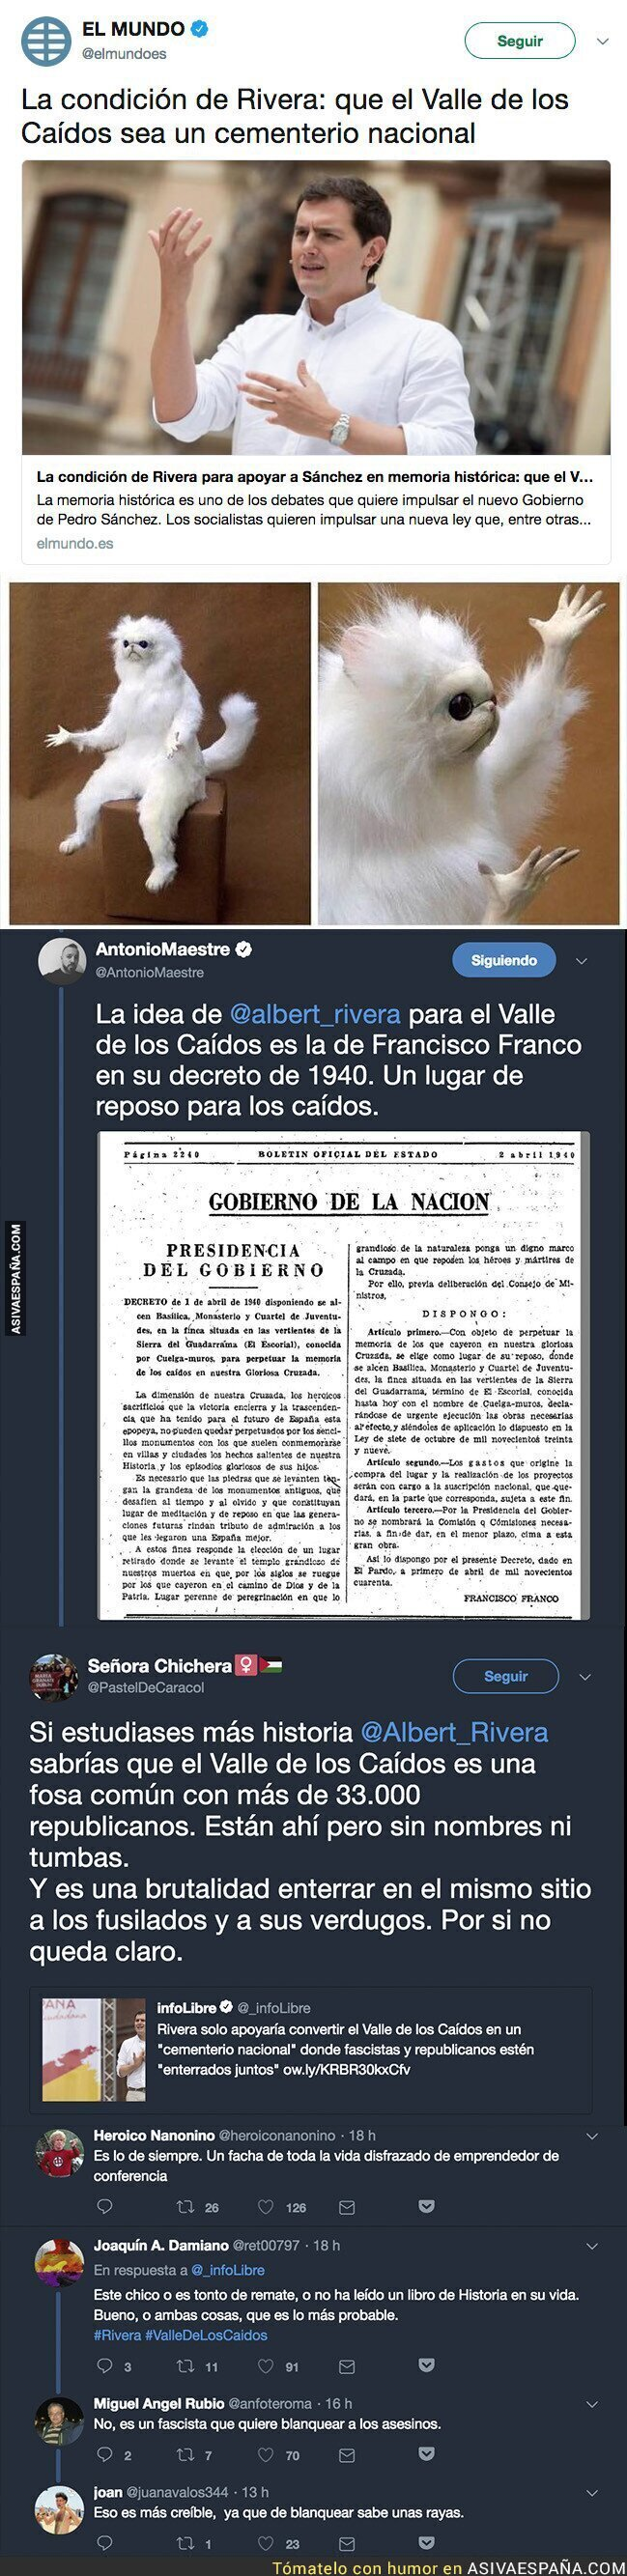 88557 - La solución de Albert Rivera para el Valle de los Caídos que está indignando a mucha gente